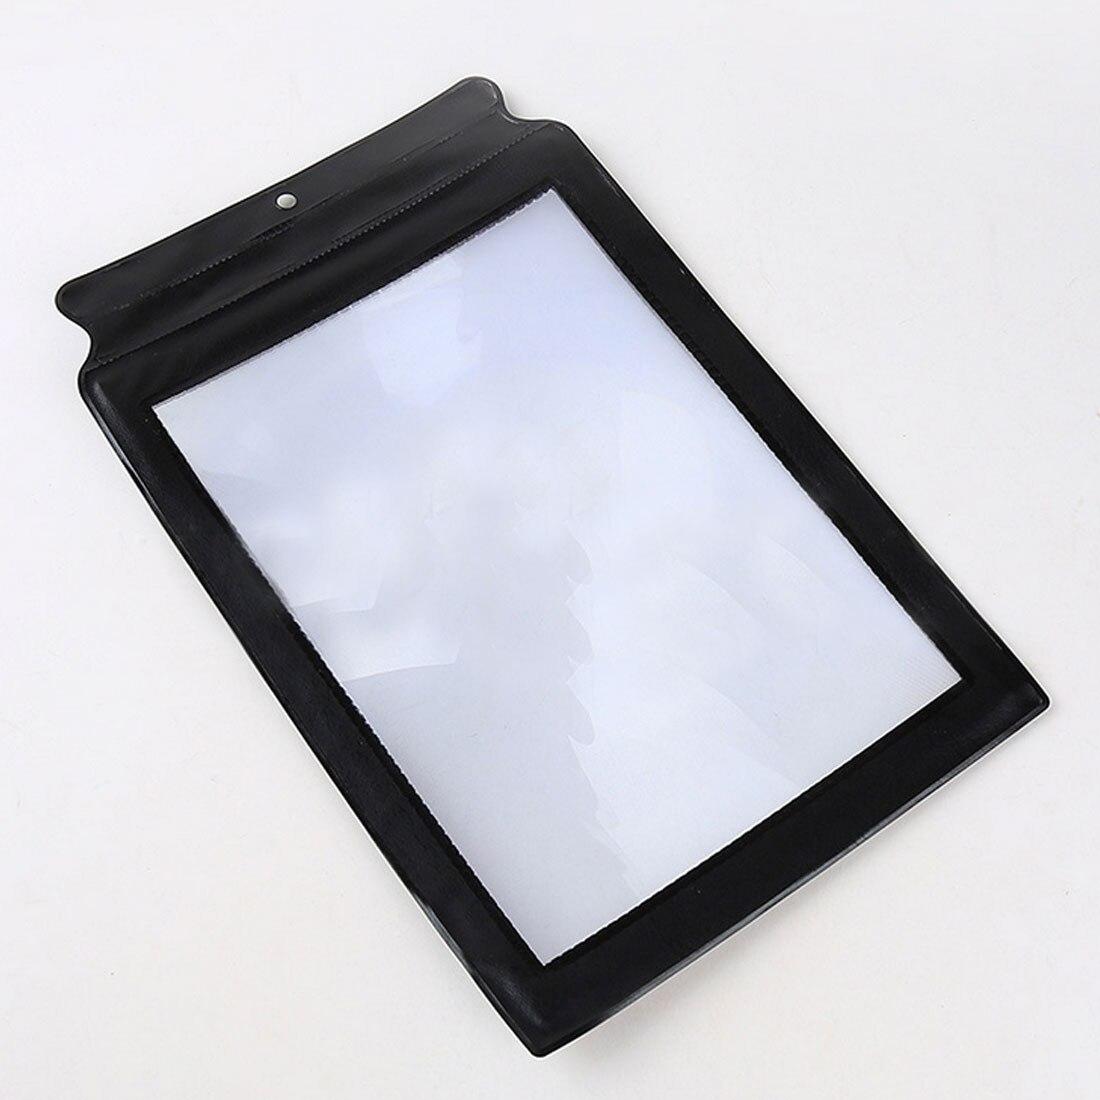 Увеличительное стекло для чтения, 3 x увеличительное стекло для чтения